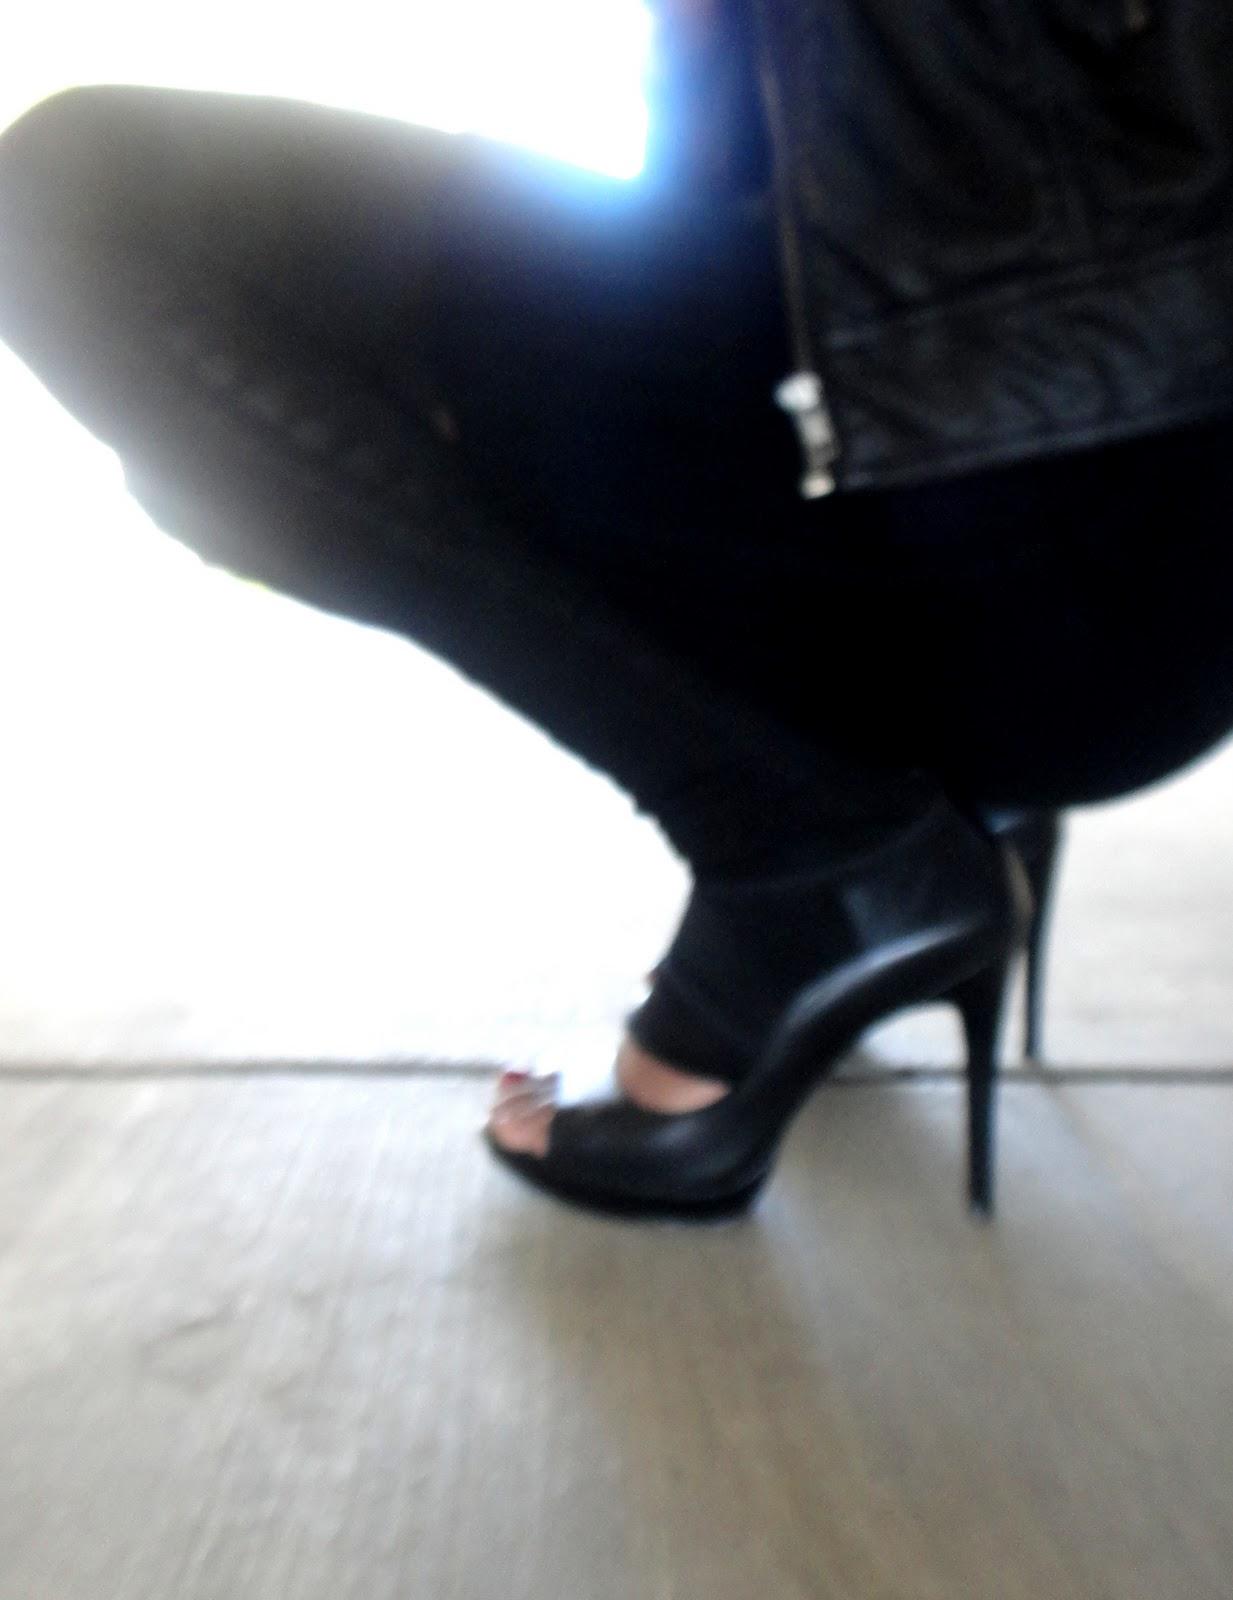 http://2.bp.blogspot.com/_ZGmwjJW2voY/TOLc-zrvy6I/AAAAAAAAAXs/rJXFTaPGMxo/s1600/JS+shoes+my+fave+003.JPG